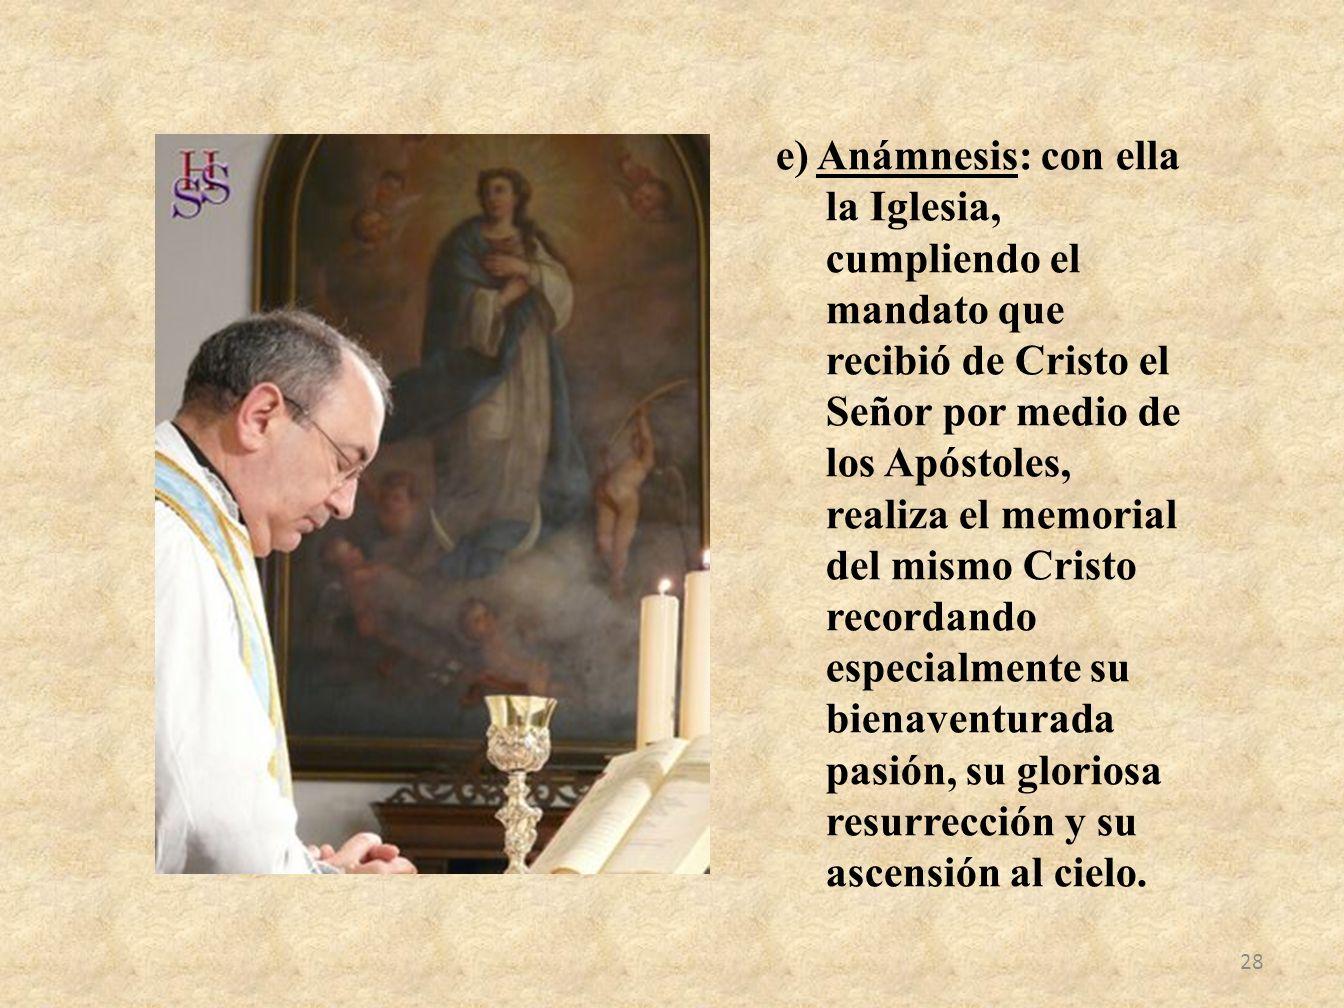 e) Anámnesis: con ella la Iglesia, cumpliendo el mandato que recibió de Cristo el Señor por medio de los Apóstoles, realiza el memorial del mismo Cris